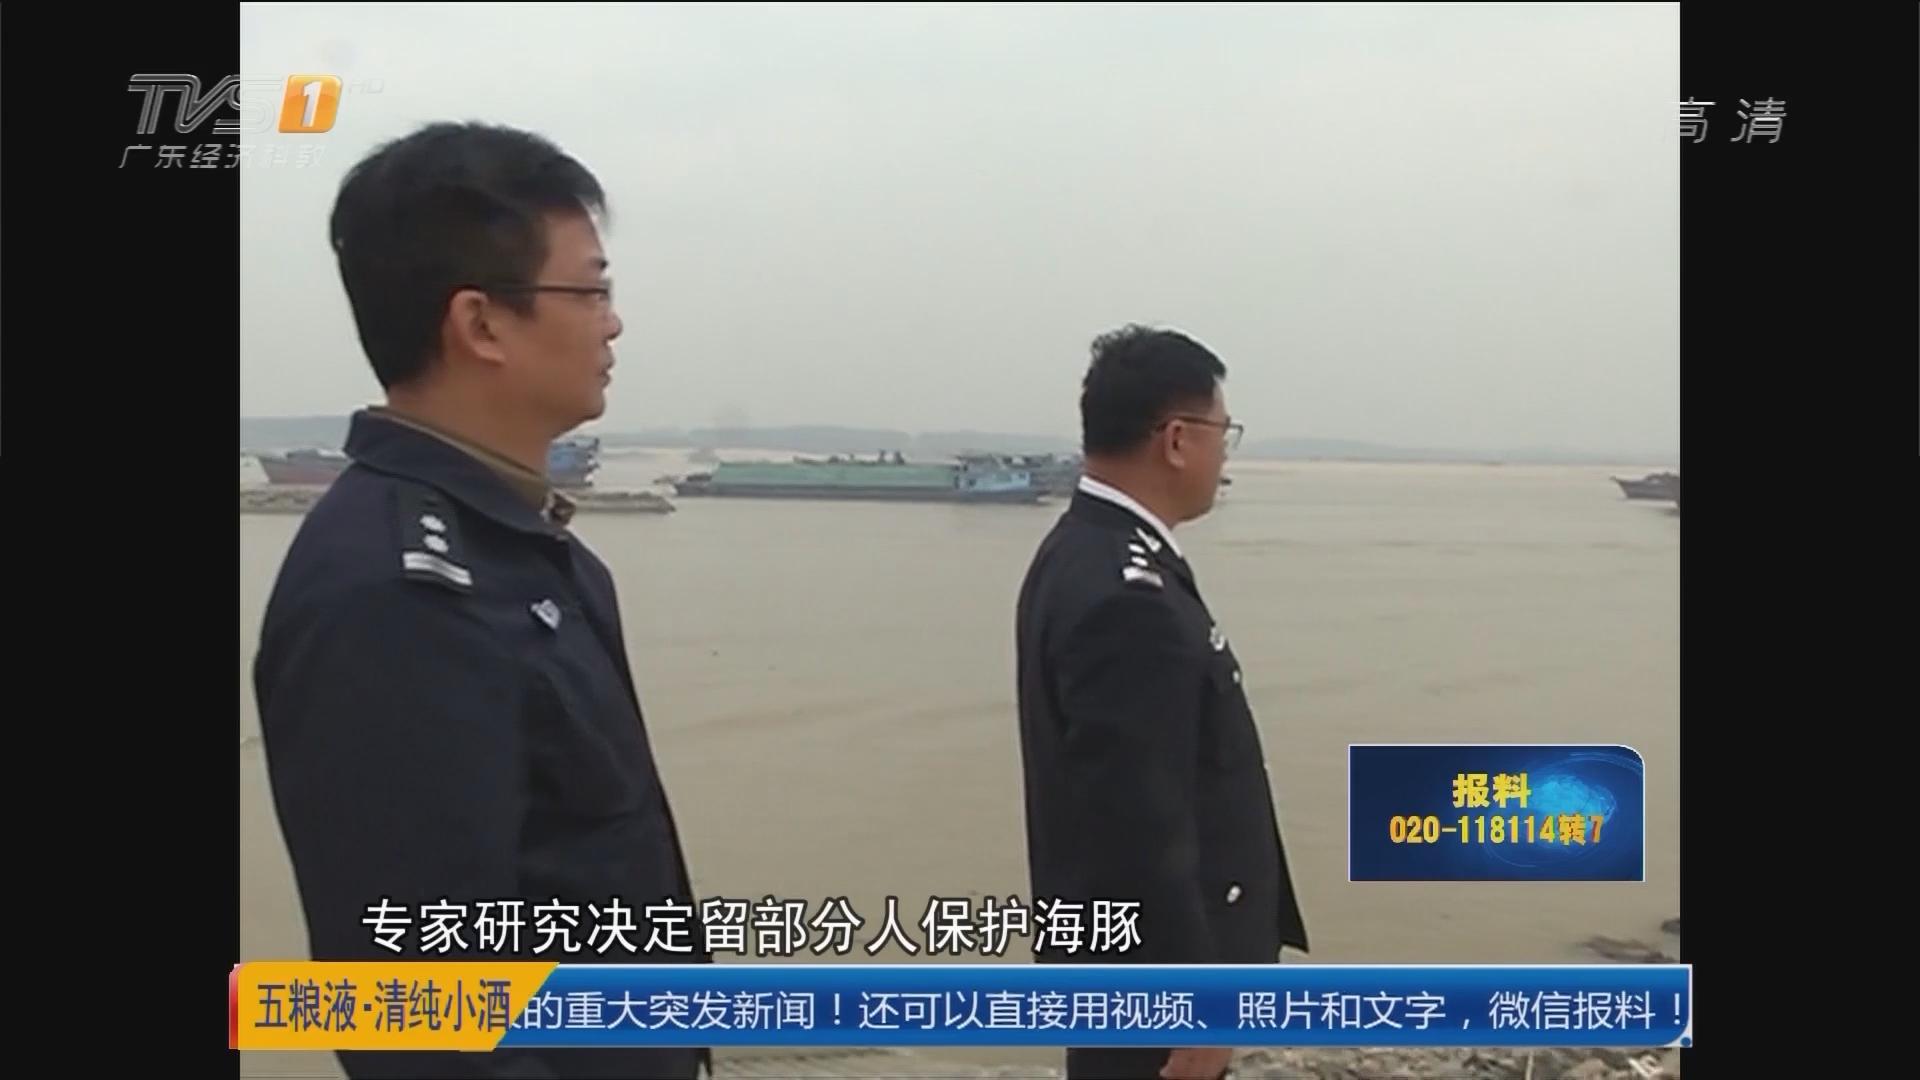 """清远石角镇北江清远段:迷路白海豚 水里捉起""""迷藏"""""""